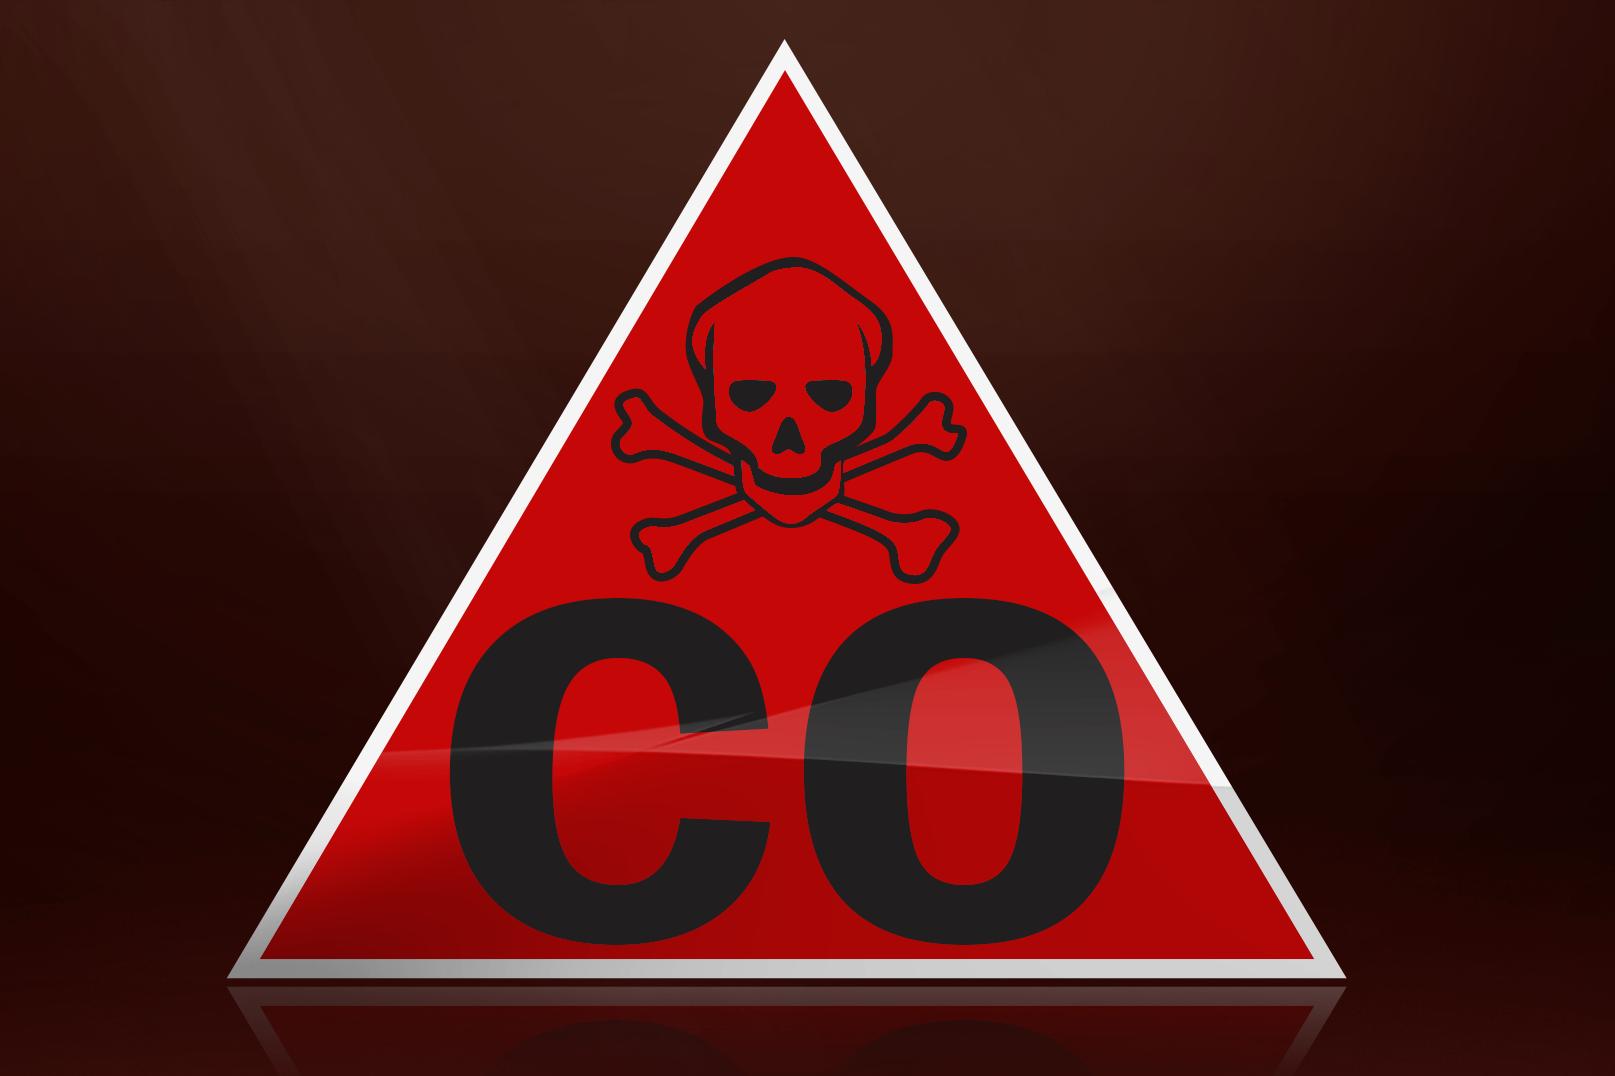 Угарный газ стал причиной гибели женщины и двух детей в поселке Бавтугай